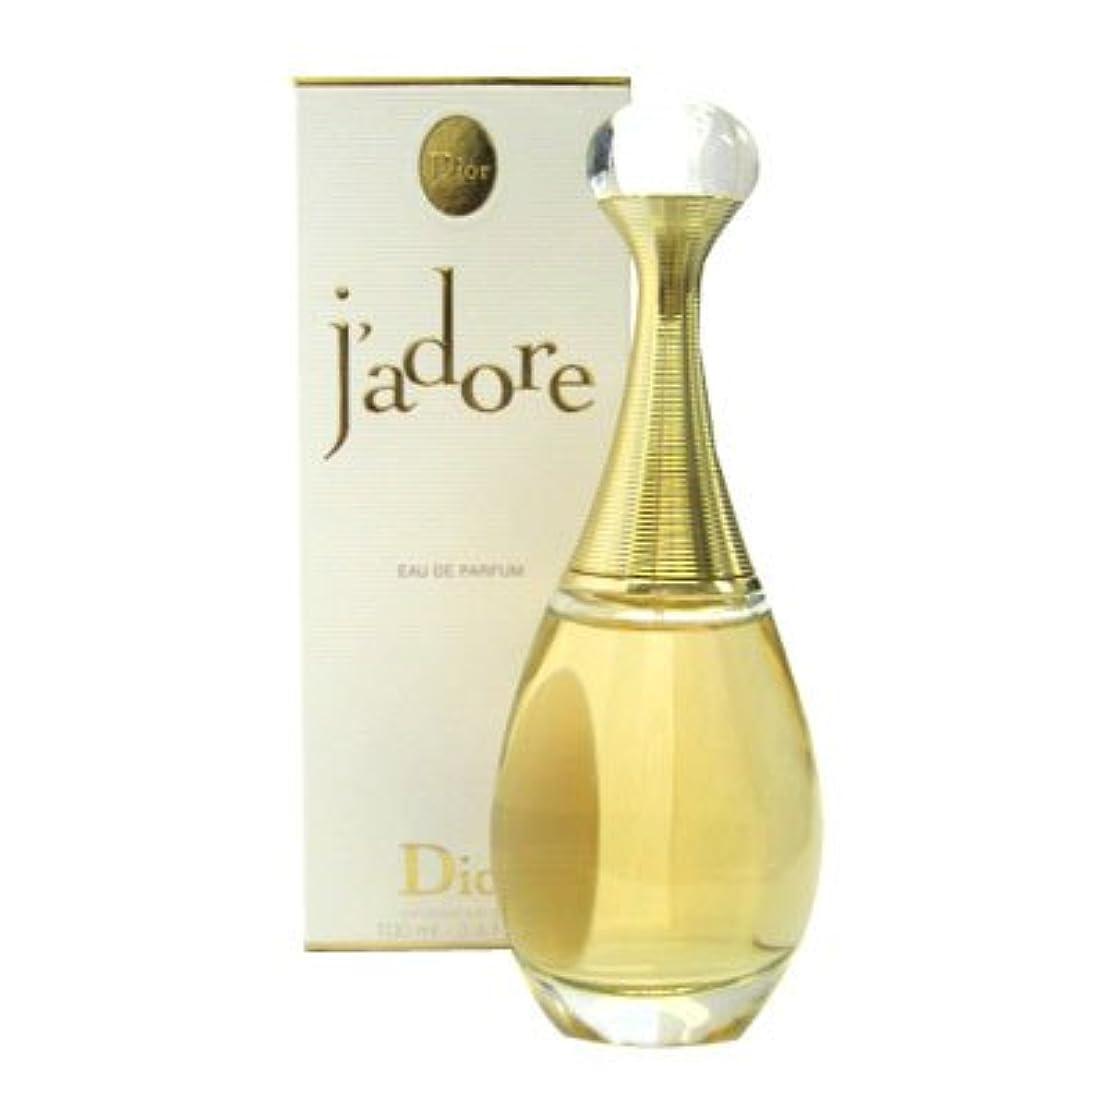 施し月絶壁クリスチャン ディオール(Christian Dior) ジャドール EDP 100ml[並行輸入品]